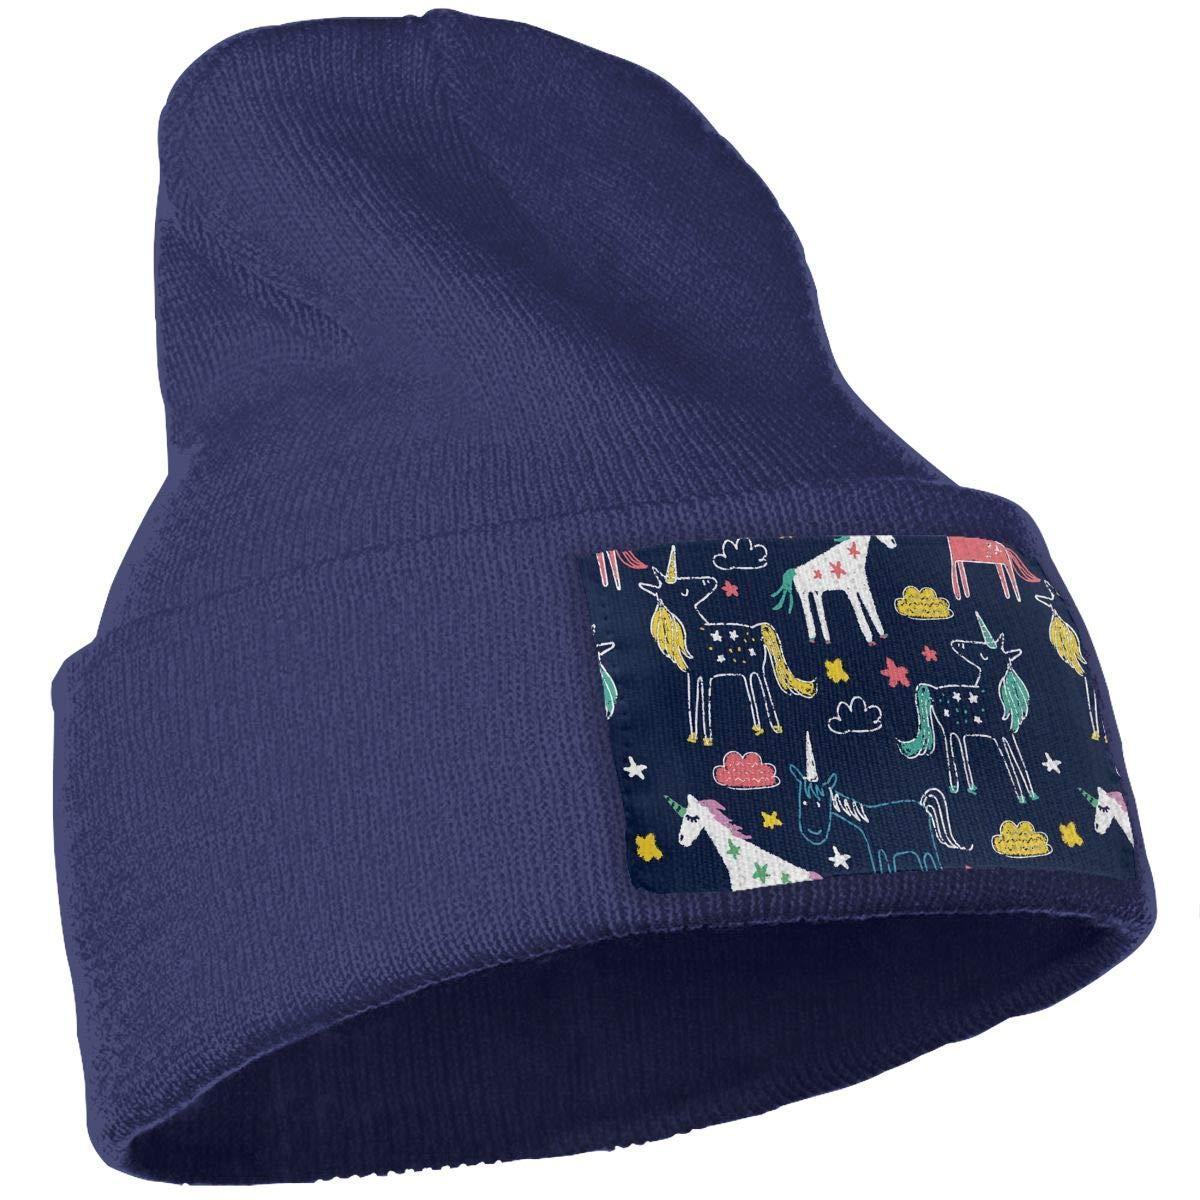 Unicorn Pastel Illustration Unisex Fashion Knitted Hat Luxury Hip-Hop Cap